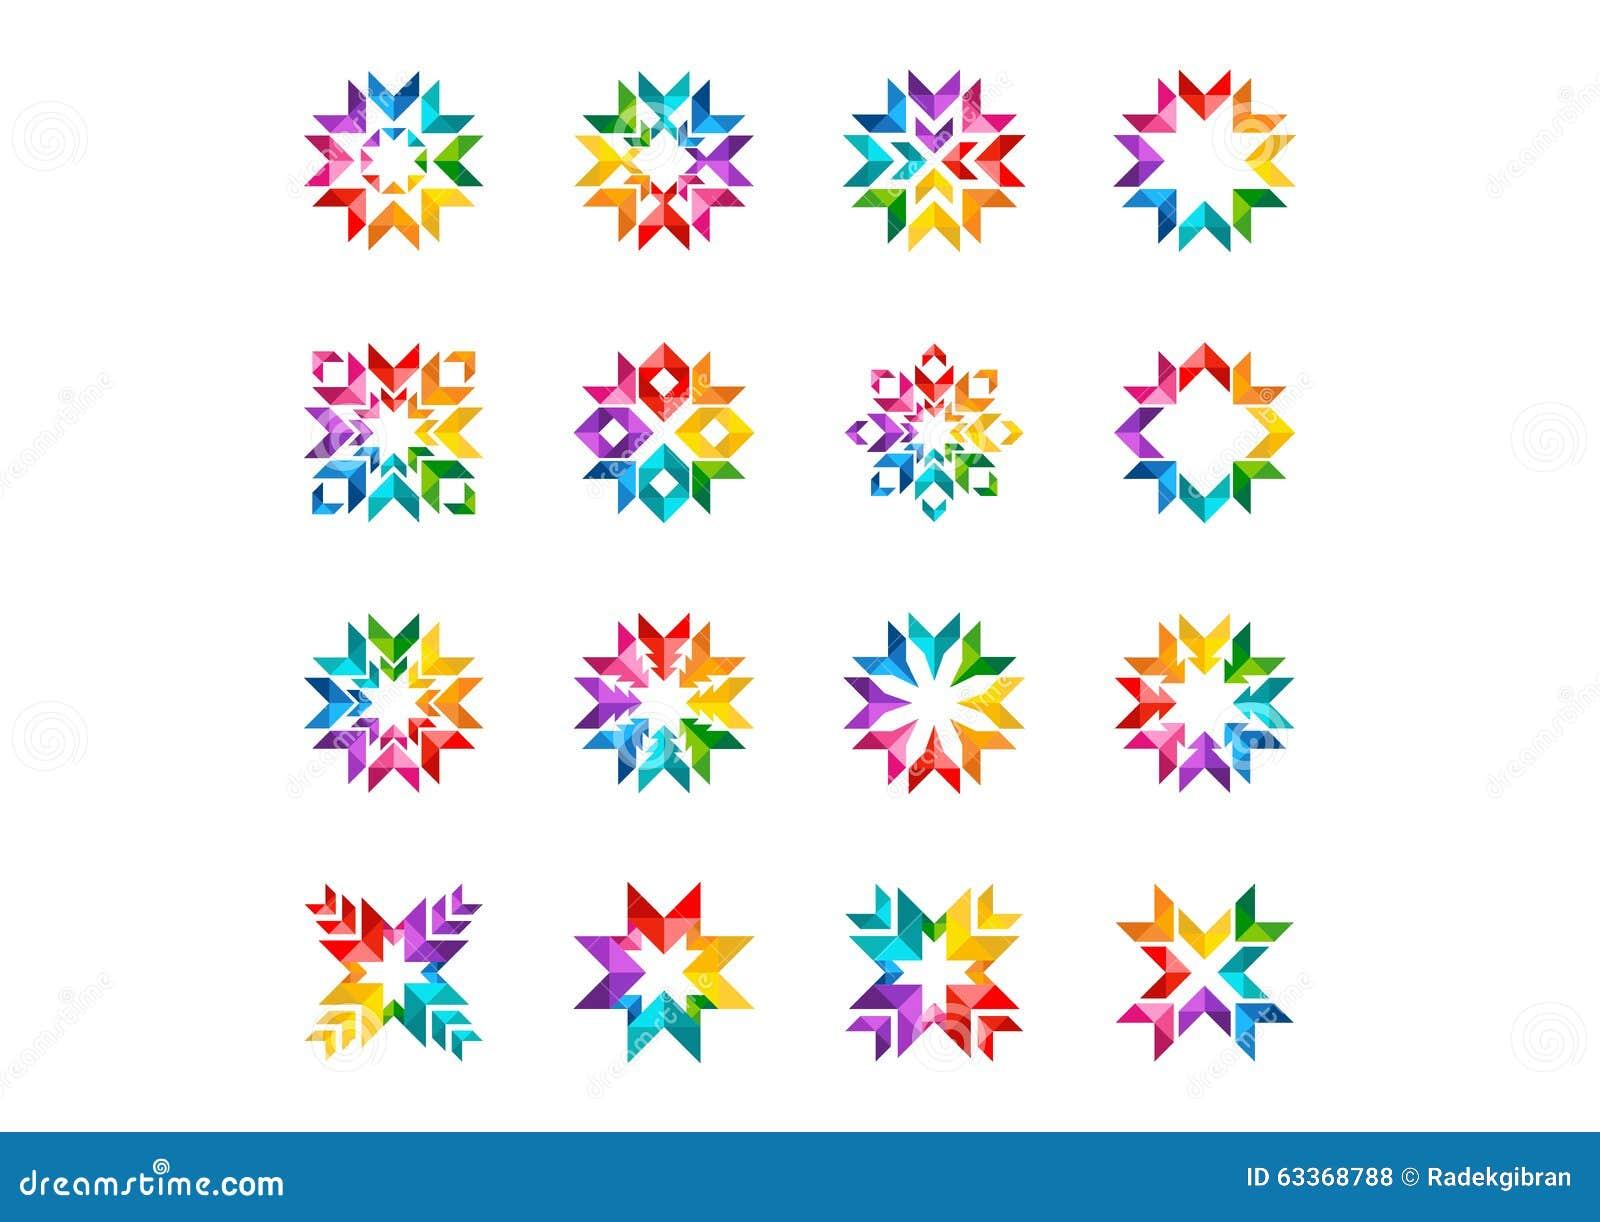 El logotipo del círculo, el arco iris, las flechas, los elementos, florales modernos abstractos, sistema de estrellas redondas y